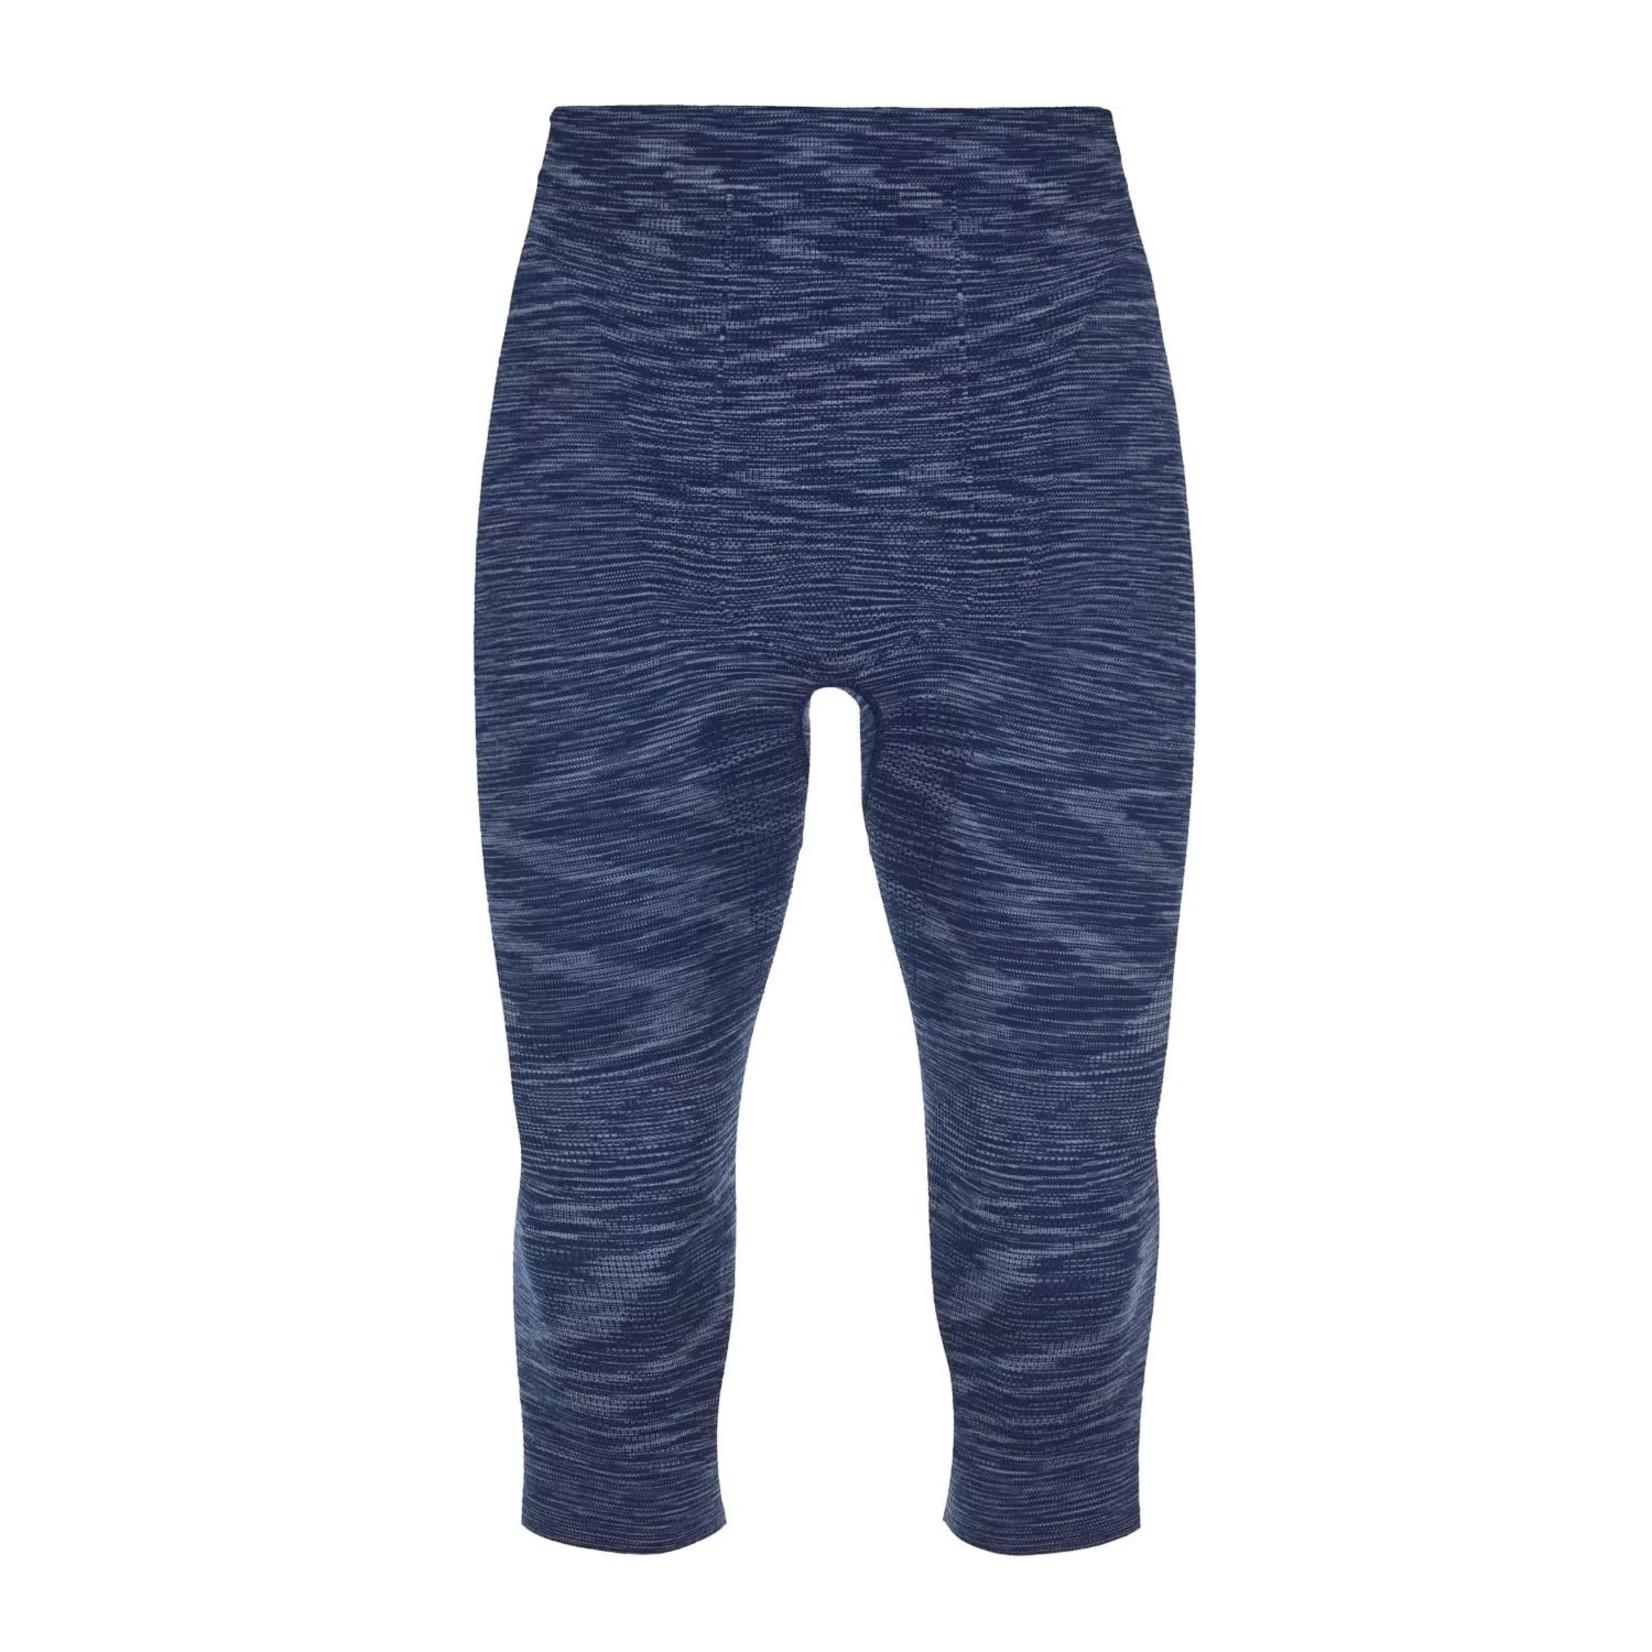 Ortovox Ortovox 230 Comp Short Pants - Men